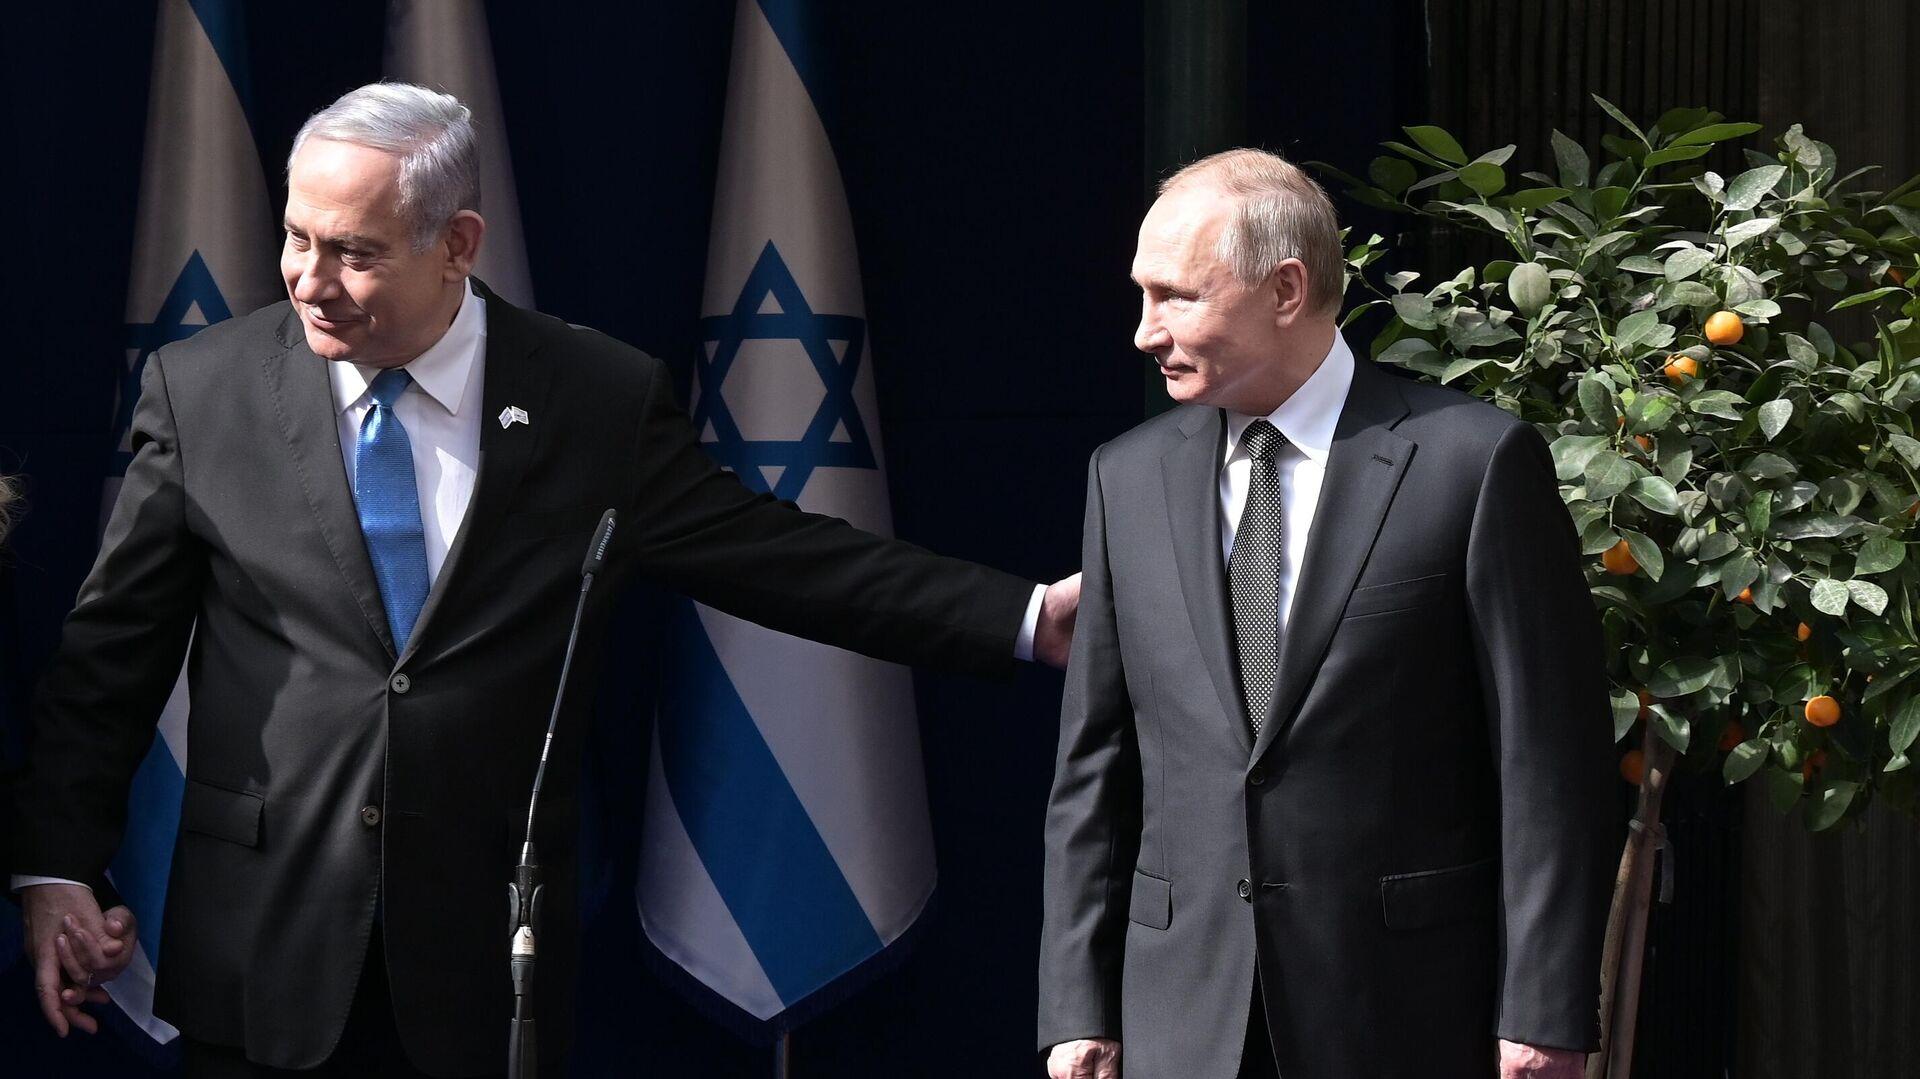 Президент РФ Владимир Путин и премьер-министр Израиля Биньямин Нетаньяху - РИА Новости, 1920, 30.01.2020